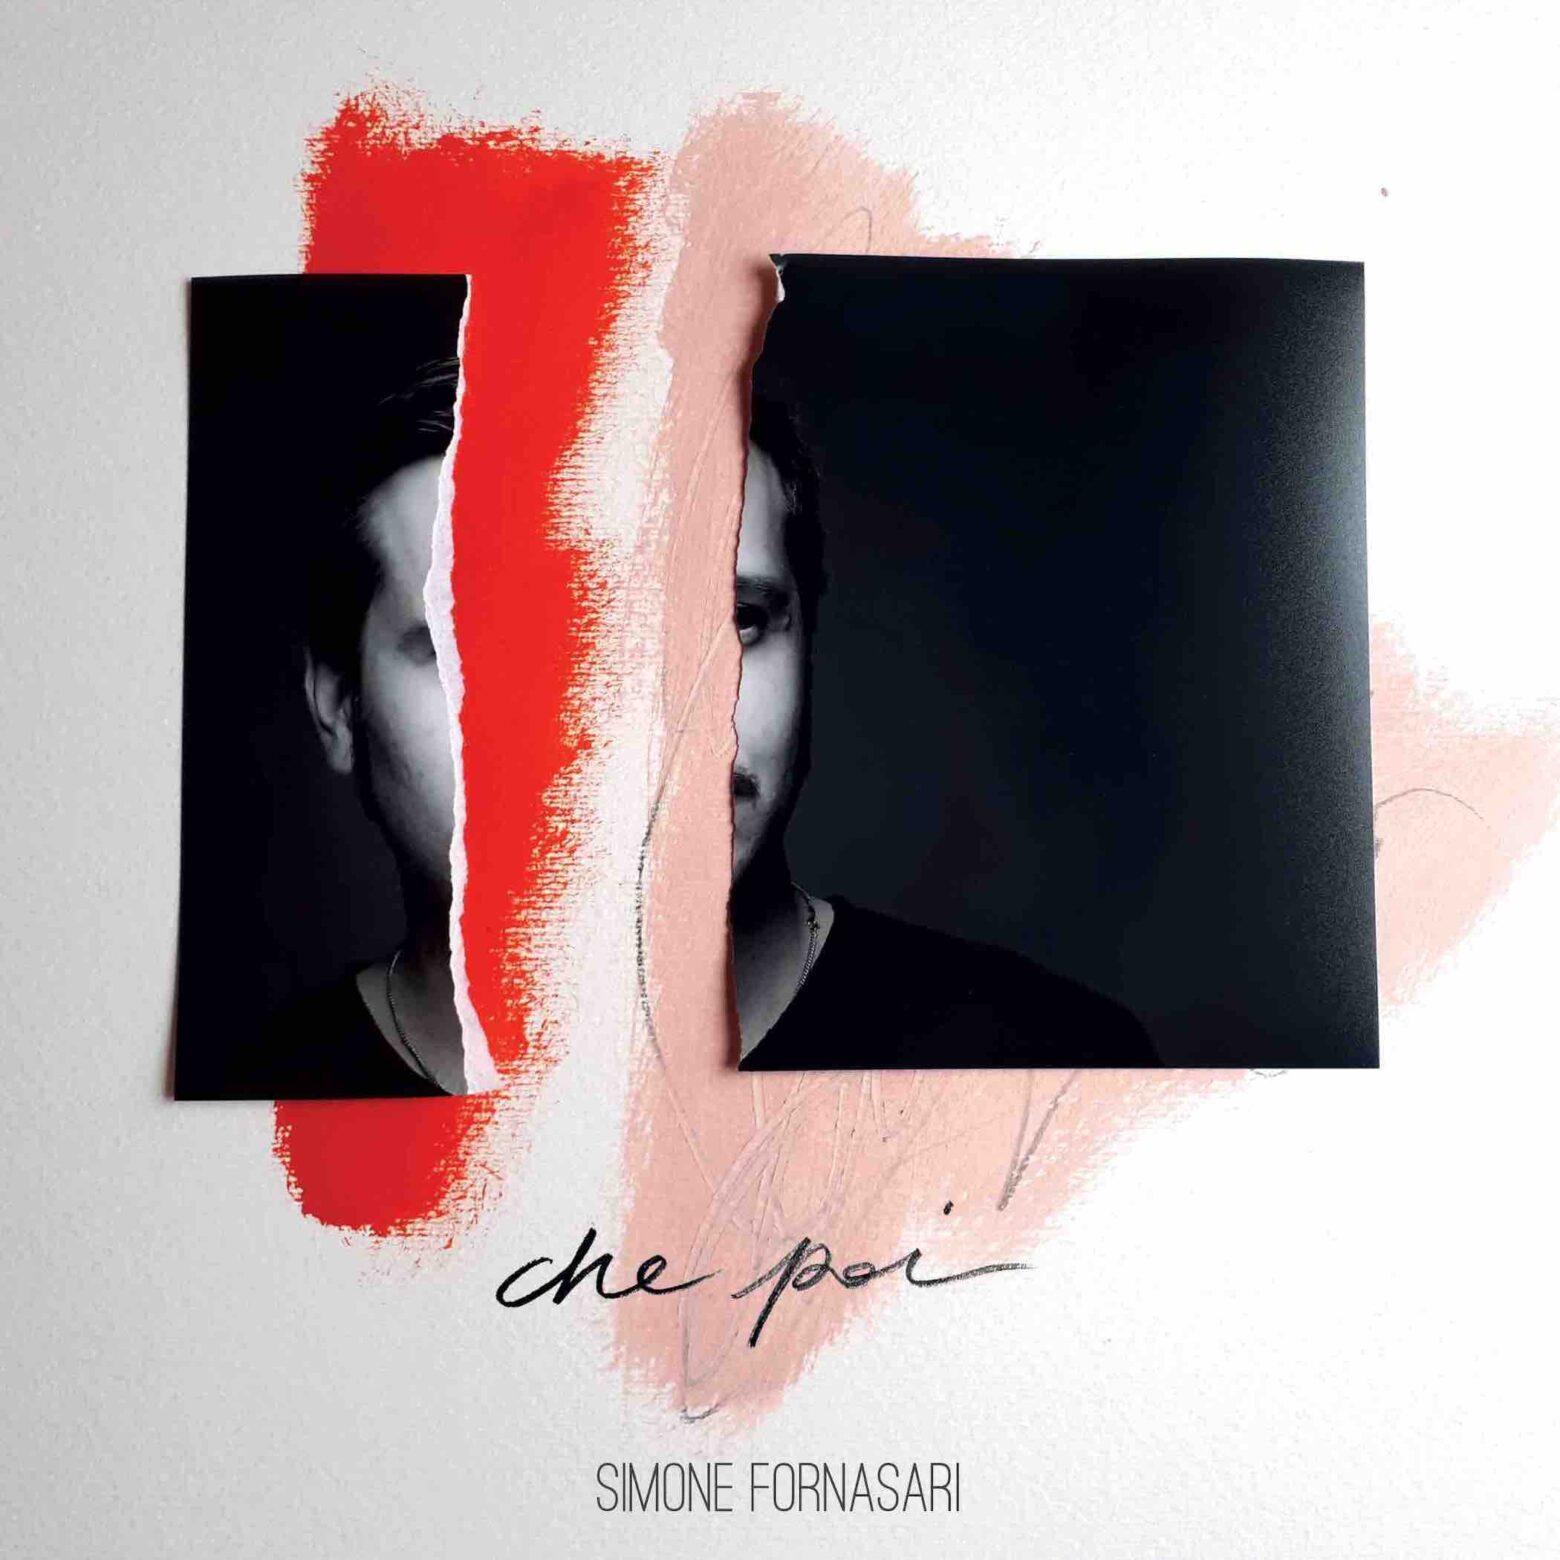 """SIMONE FORNASARI ESCE OGGI IL NUOVO EP """"CHE POI"""" accompagnato dal singolo """"Con i piedi per terra"""""""